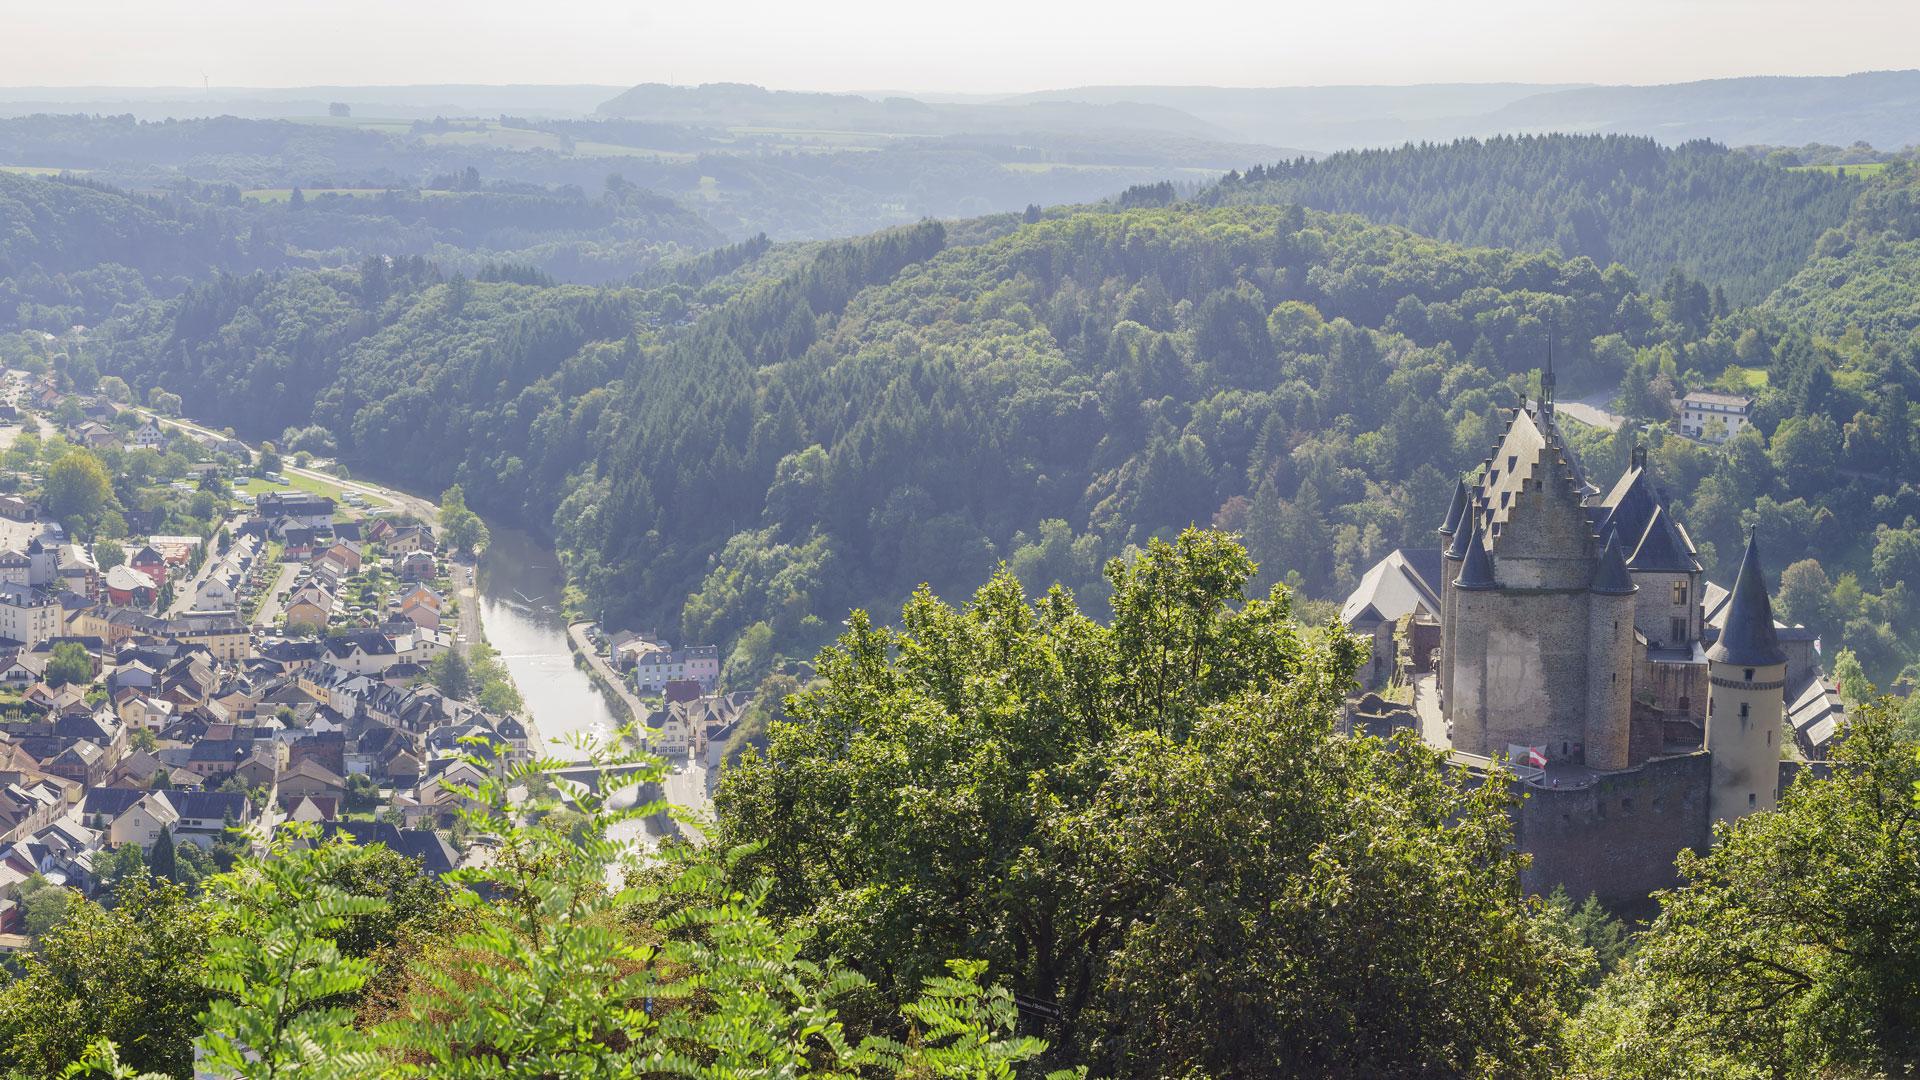 Fotogalerij - Camping Kautenbach